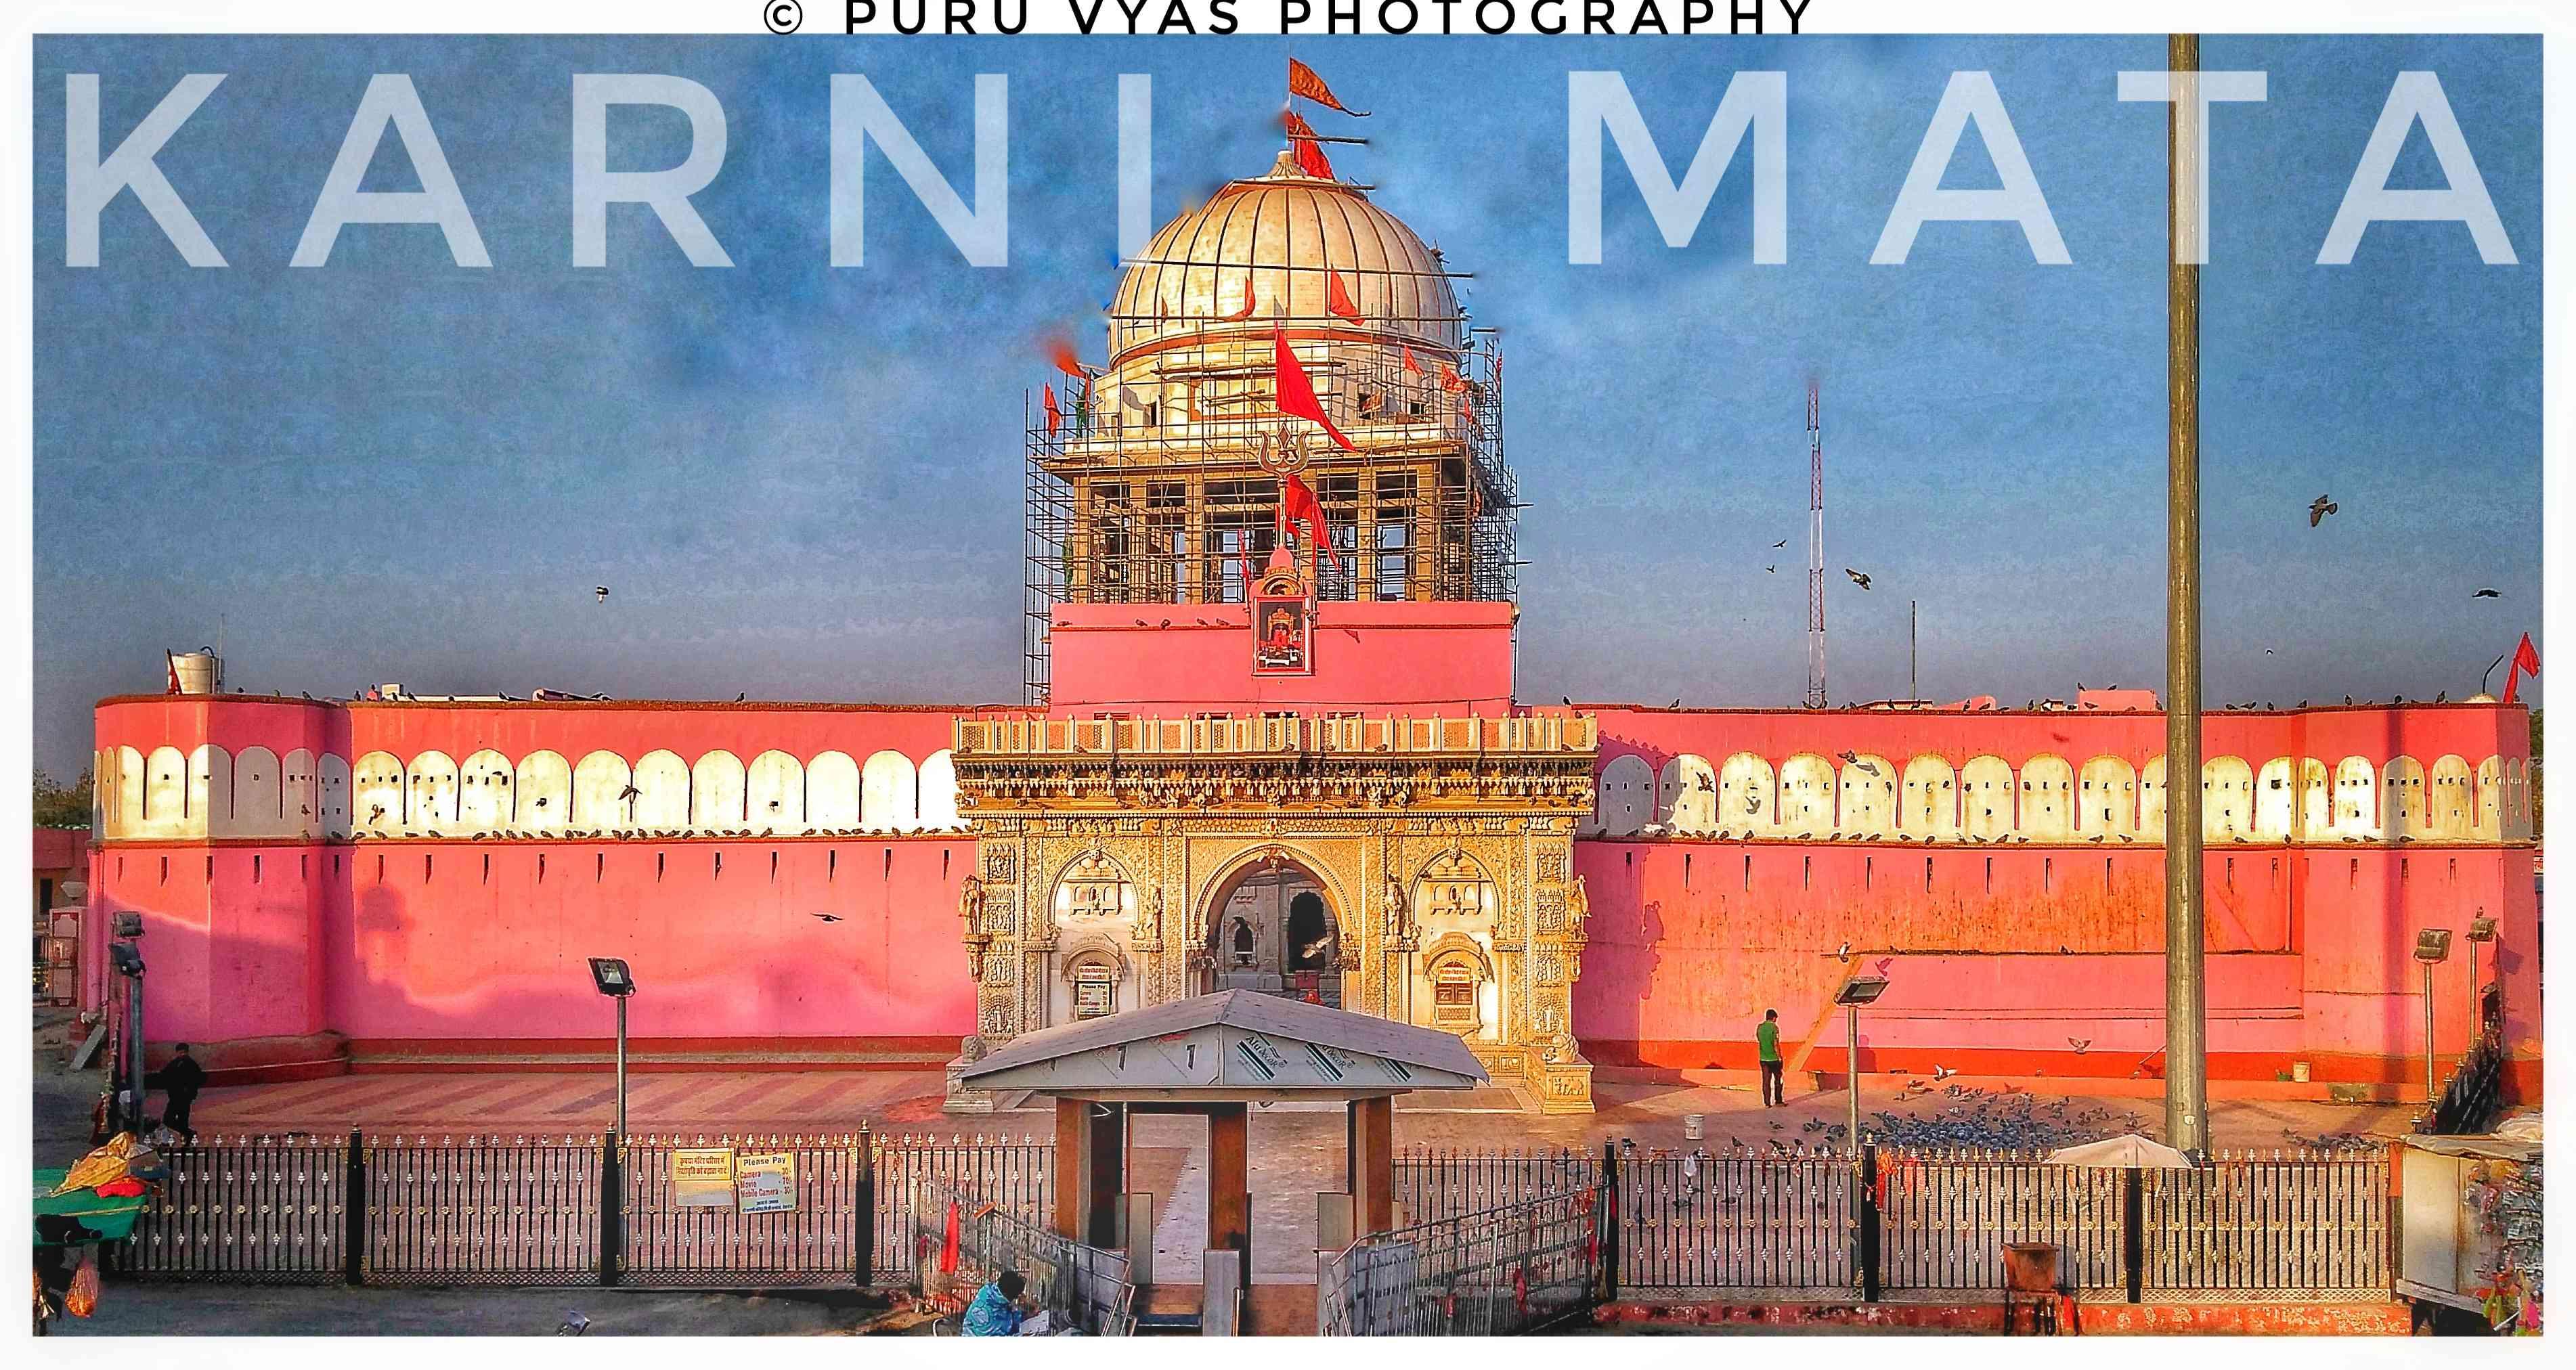 Karni Mata Temple, Deshnoke, Bikaner